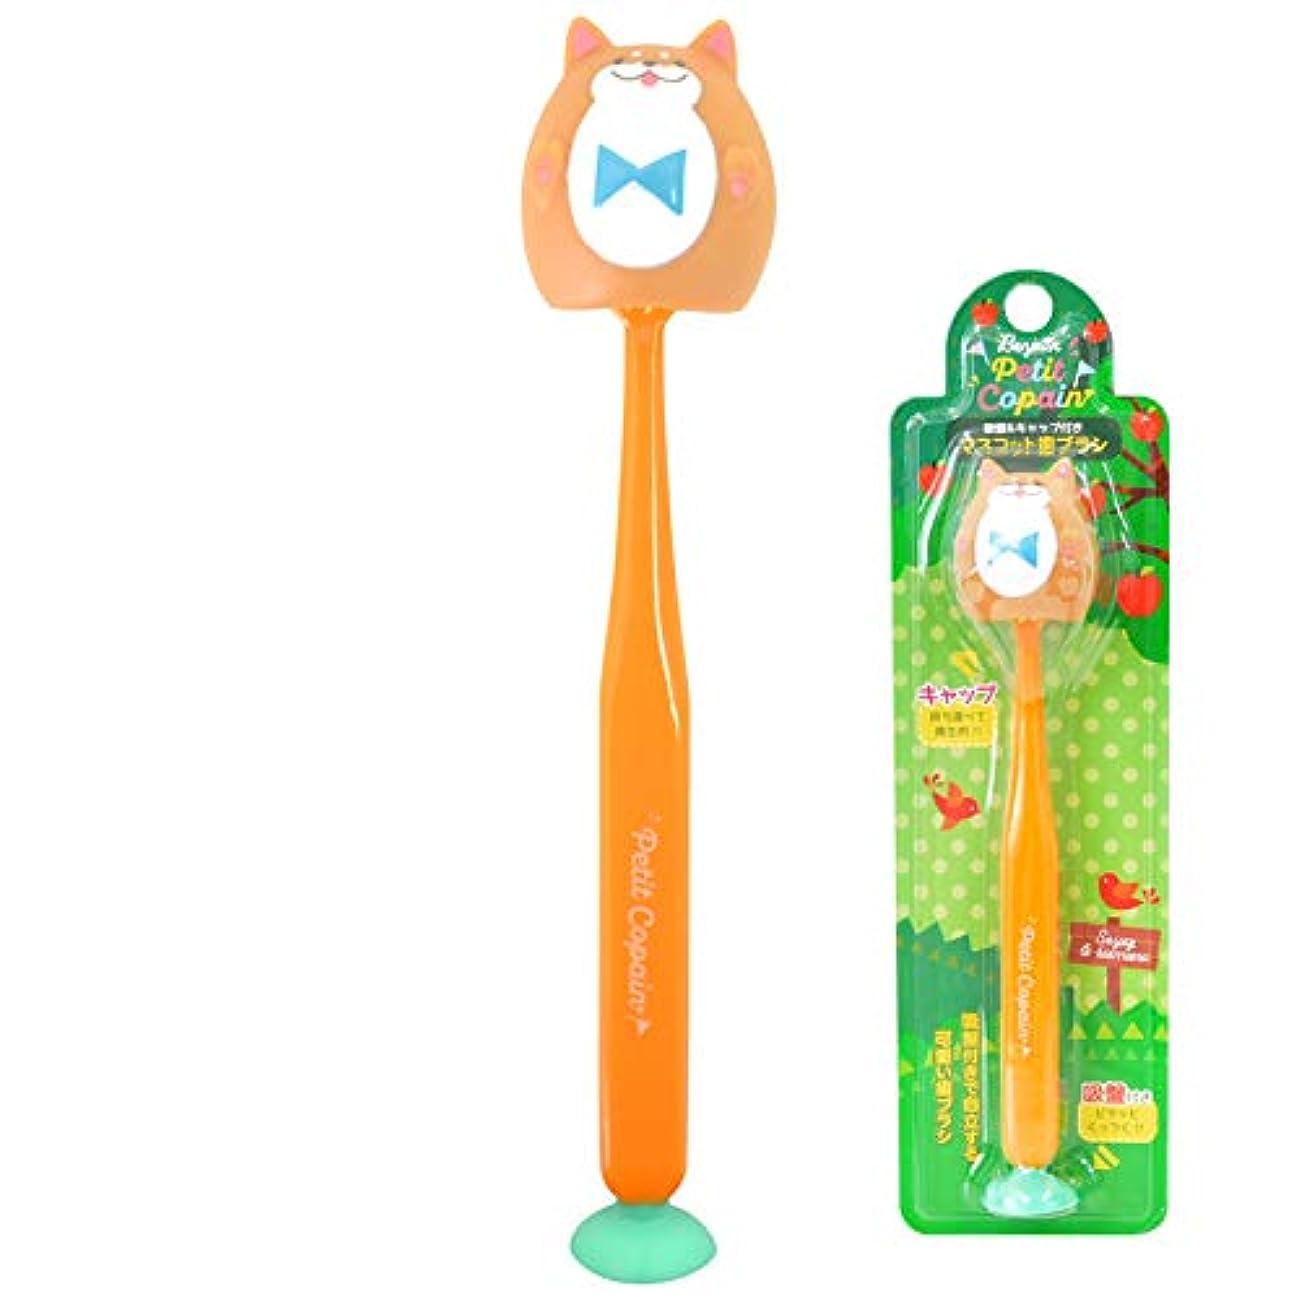 人気の汗農場プティコパン 吸盤付き歯ブラシ シバイヌ